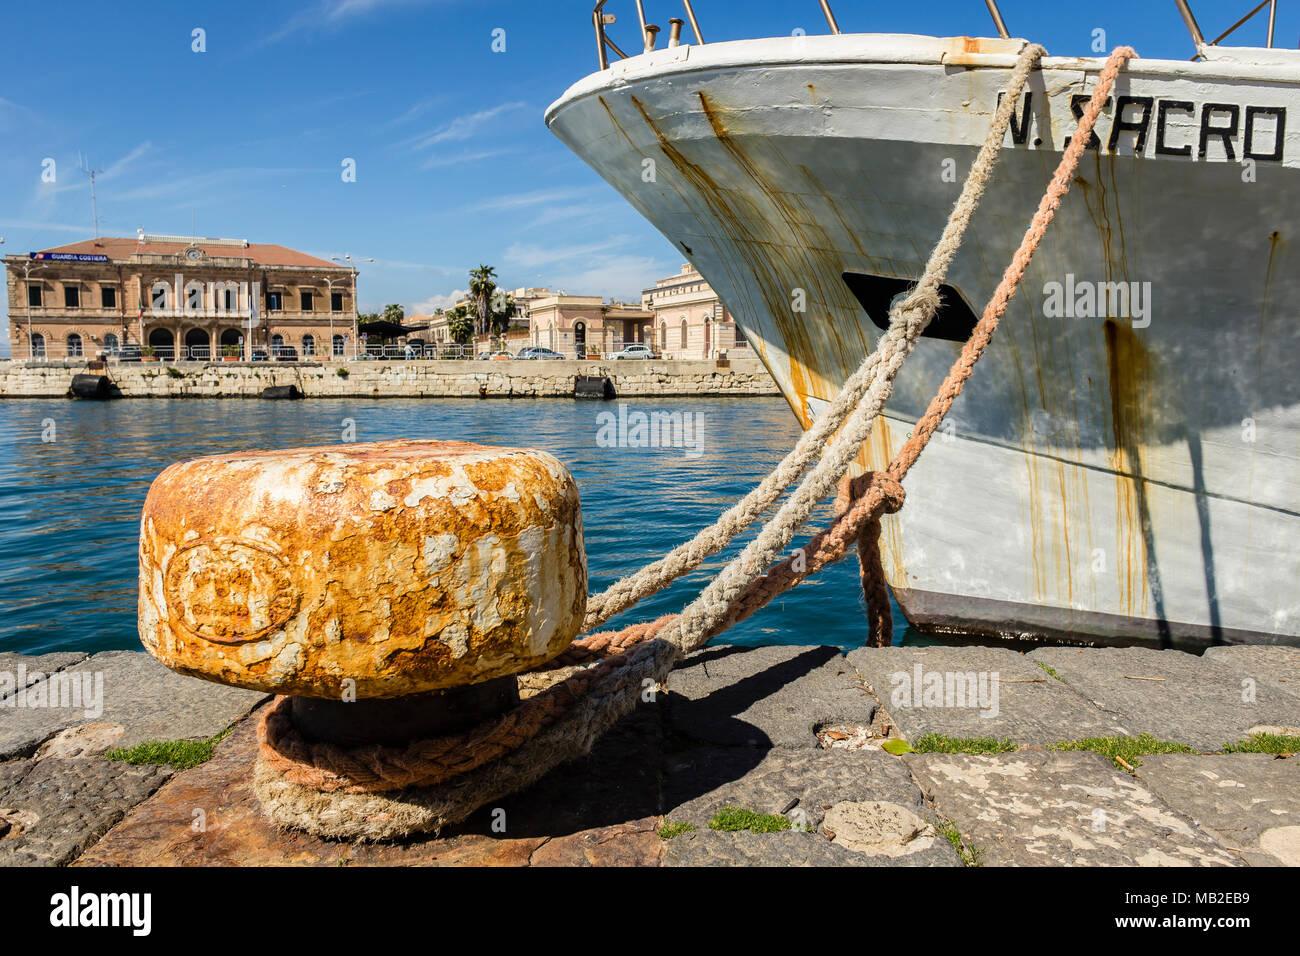 Banchina del porto di Siracusa in Ortigia, Sicilia, Italia. Immagini Stock